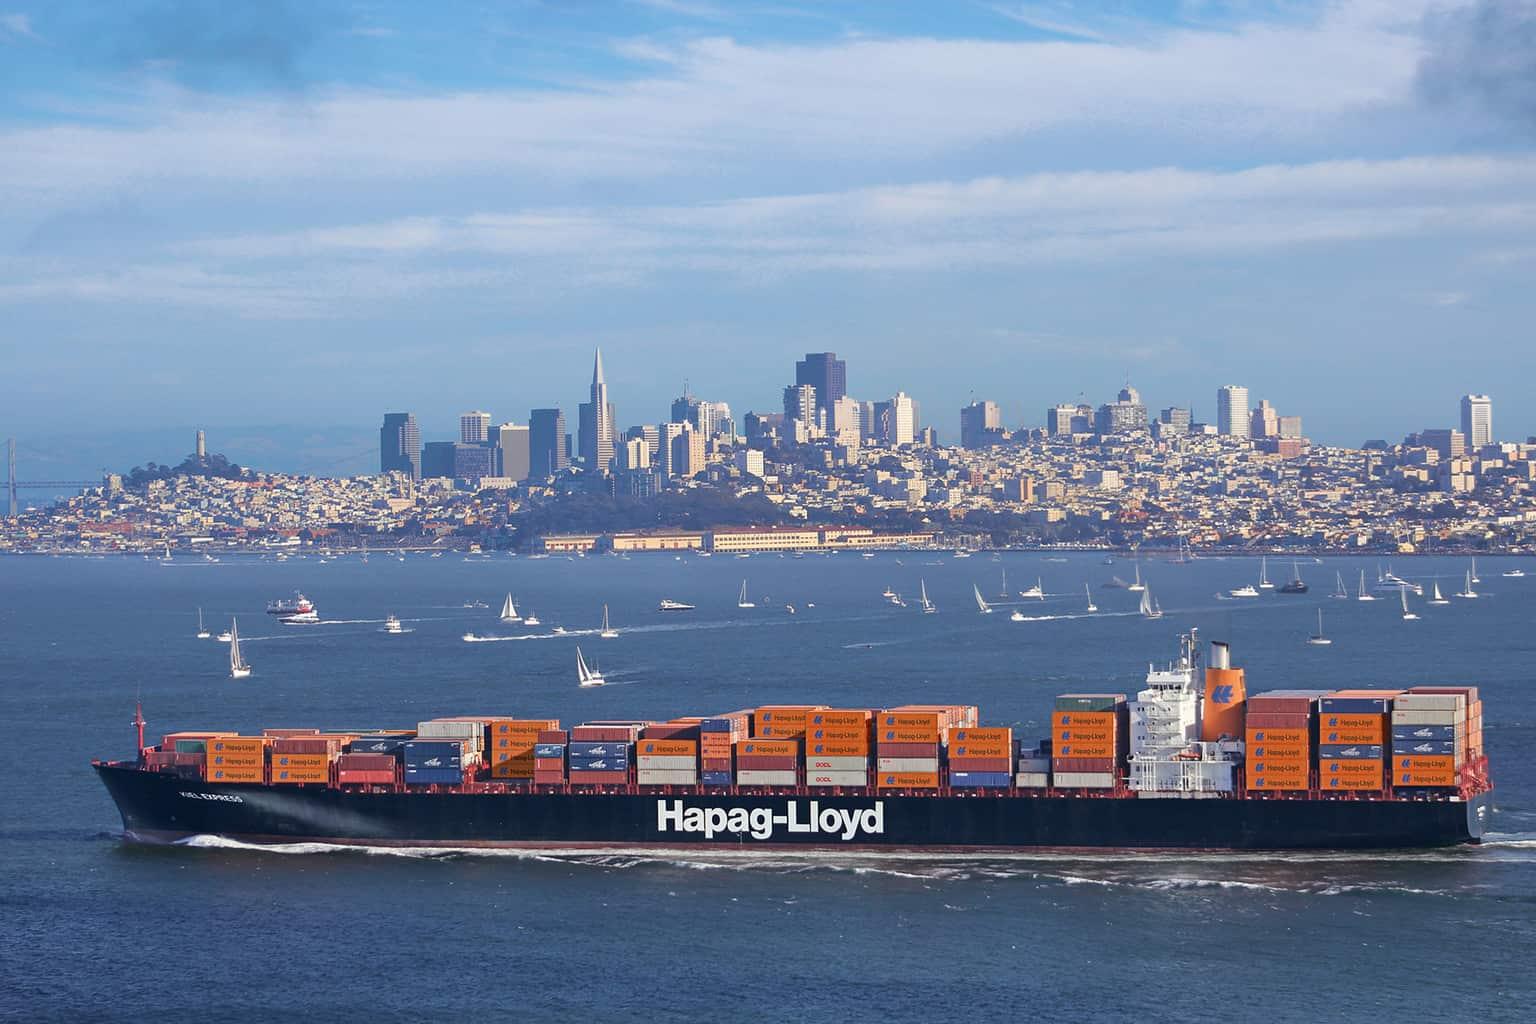 Hapag-Lloyd công bố kết quả kinh doanh tăng gấp đôi trong 9 tháng đầu năm